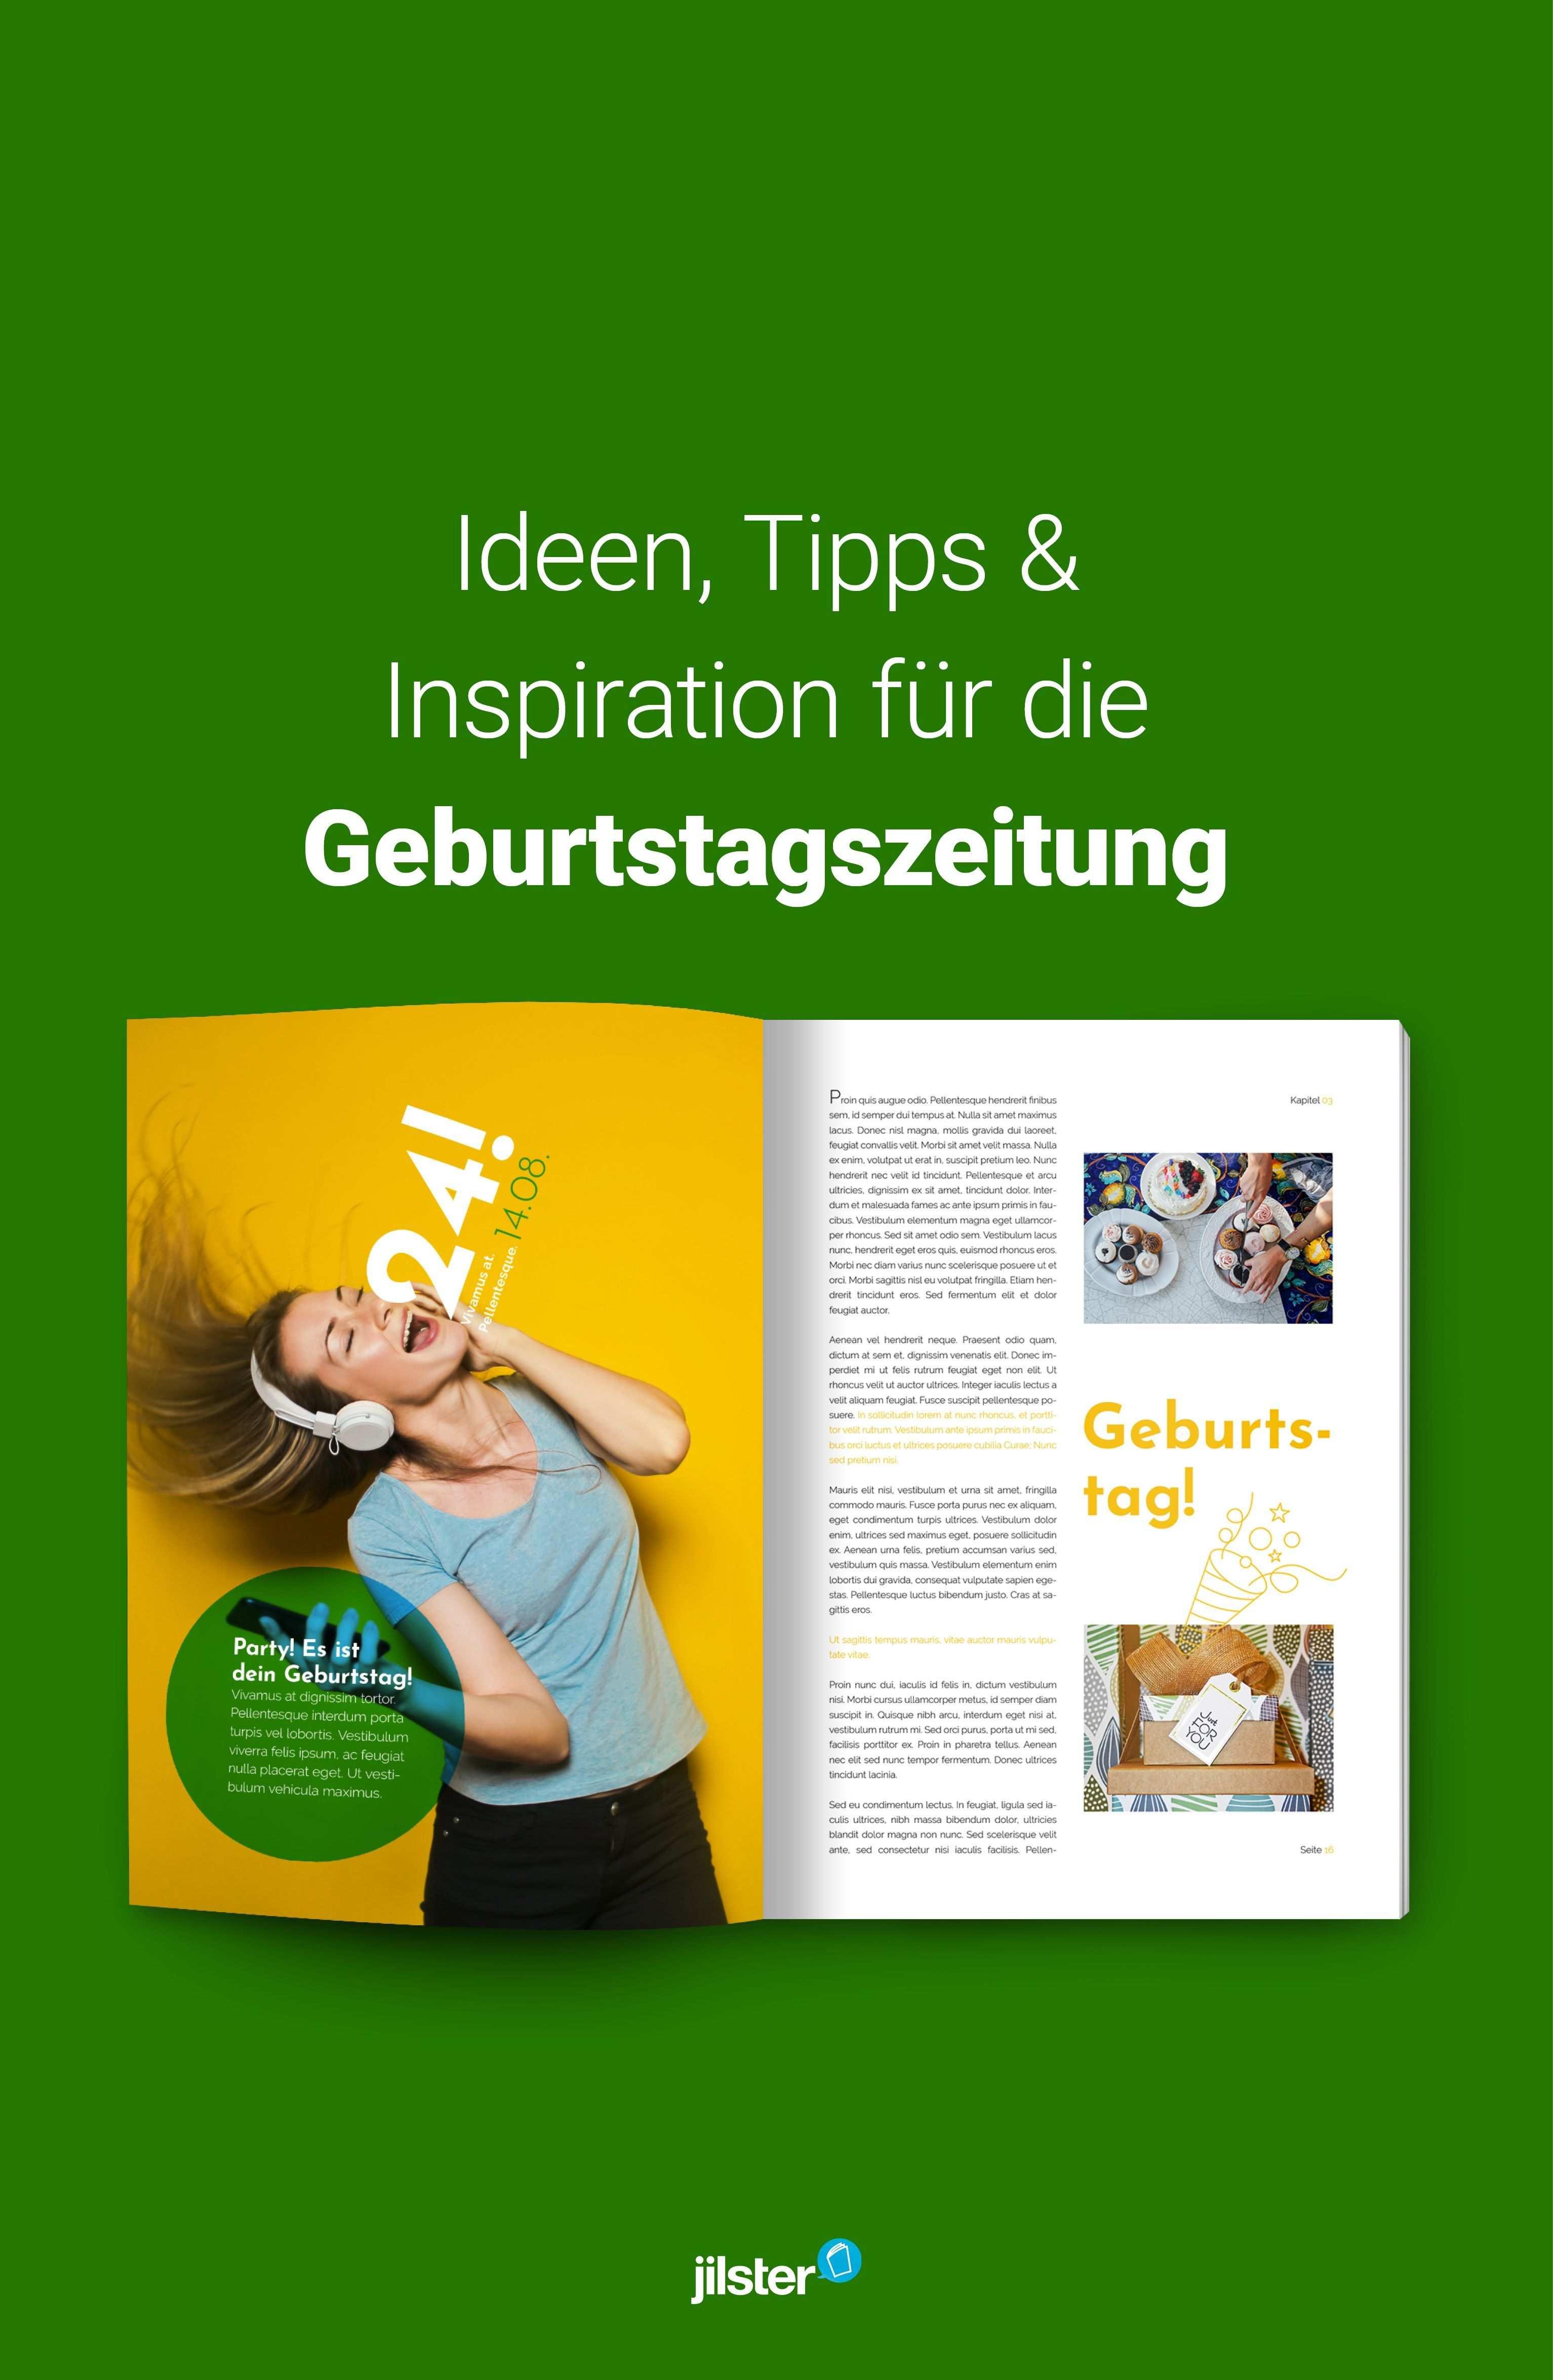 Geburtstagszeitung Ideen Vorlagen Inspiration Jilster Geburtstagszeitung Zeitung Ideen